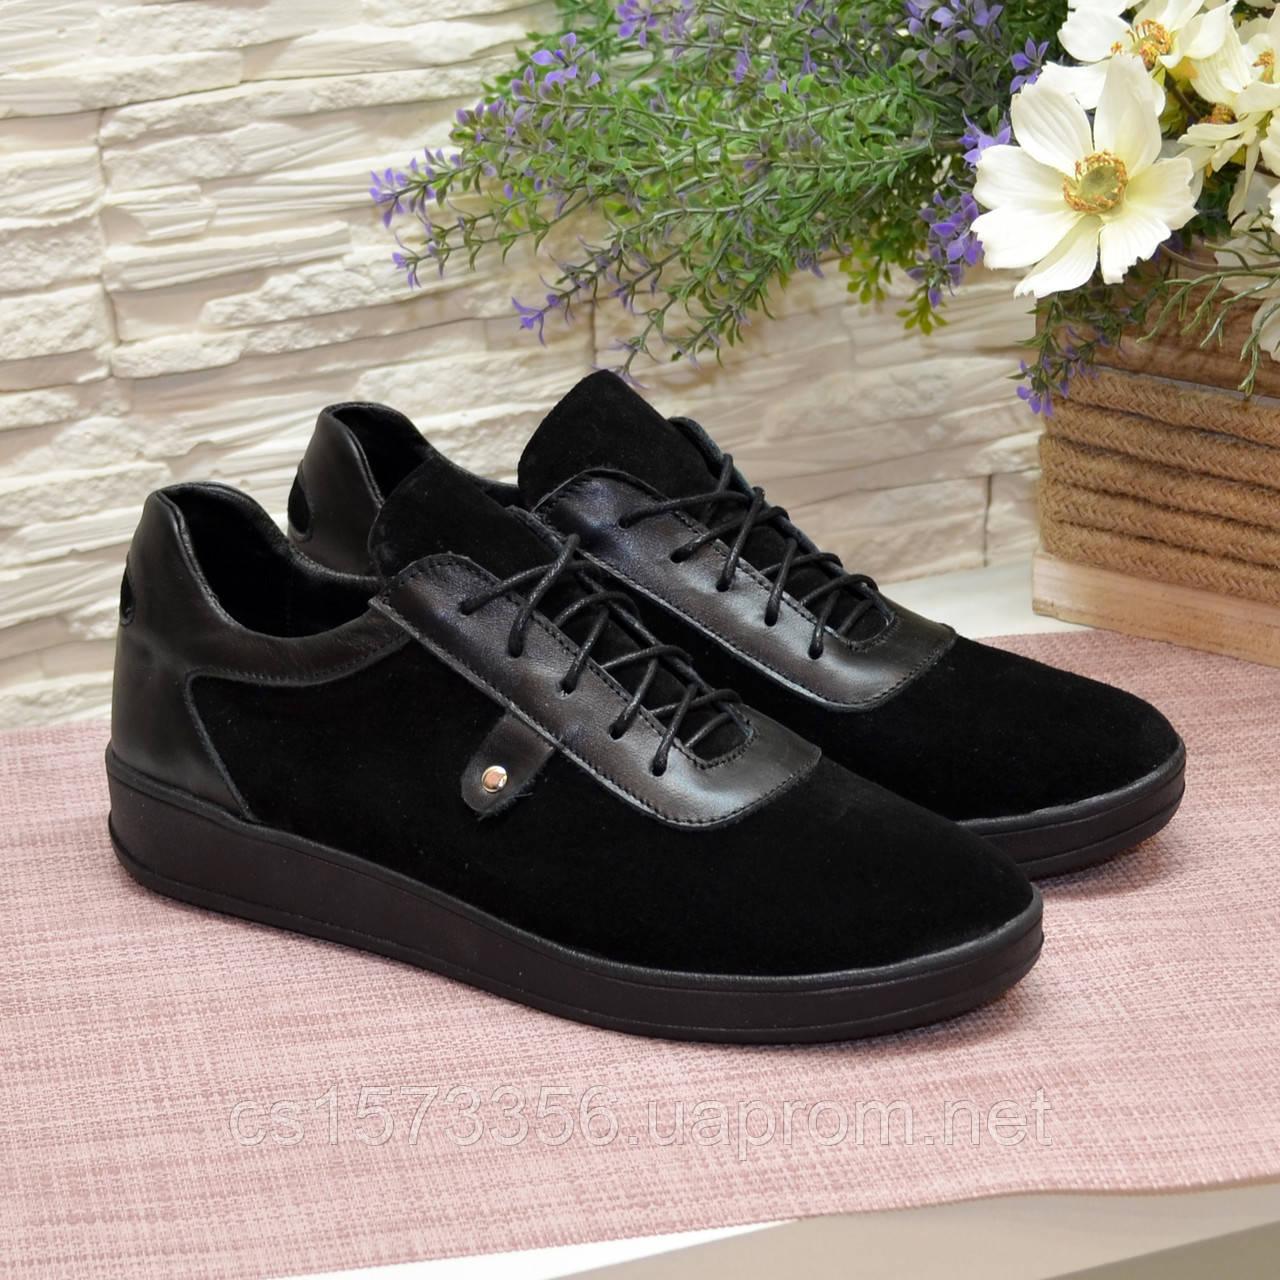 Кросівки жіночі об'єднані на товстій підошві, колір чорний